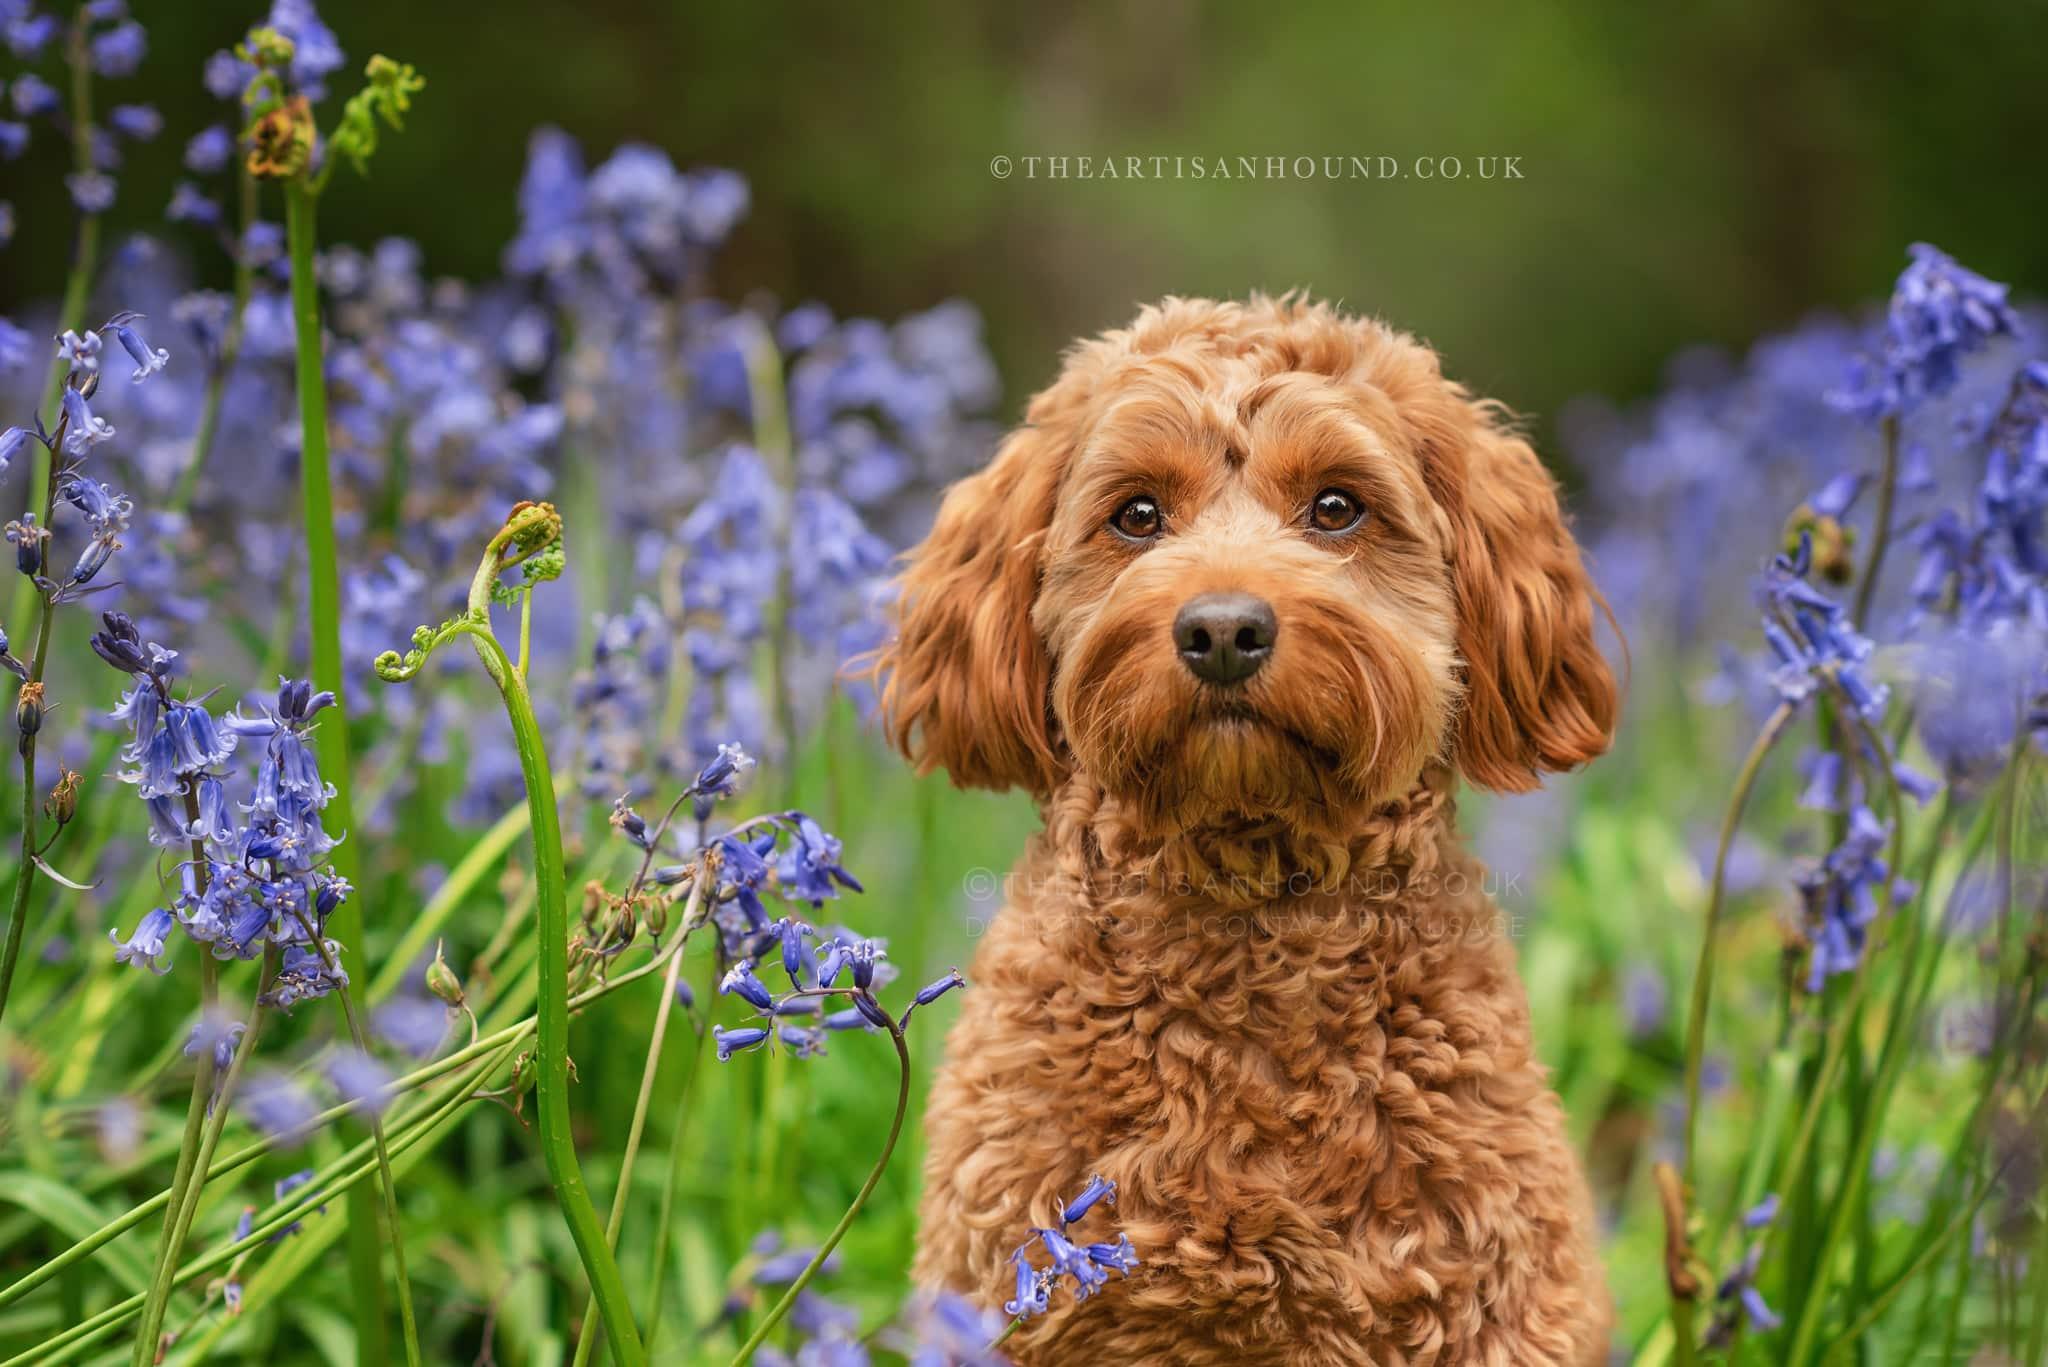 cockerpoo-portrait-photo-in-bluebells